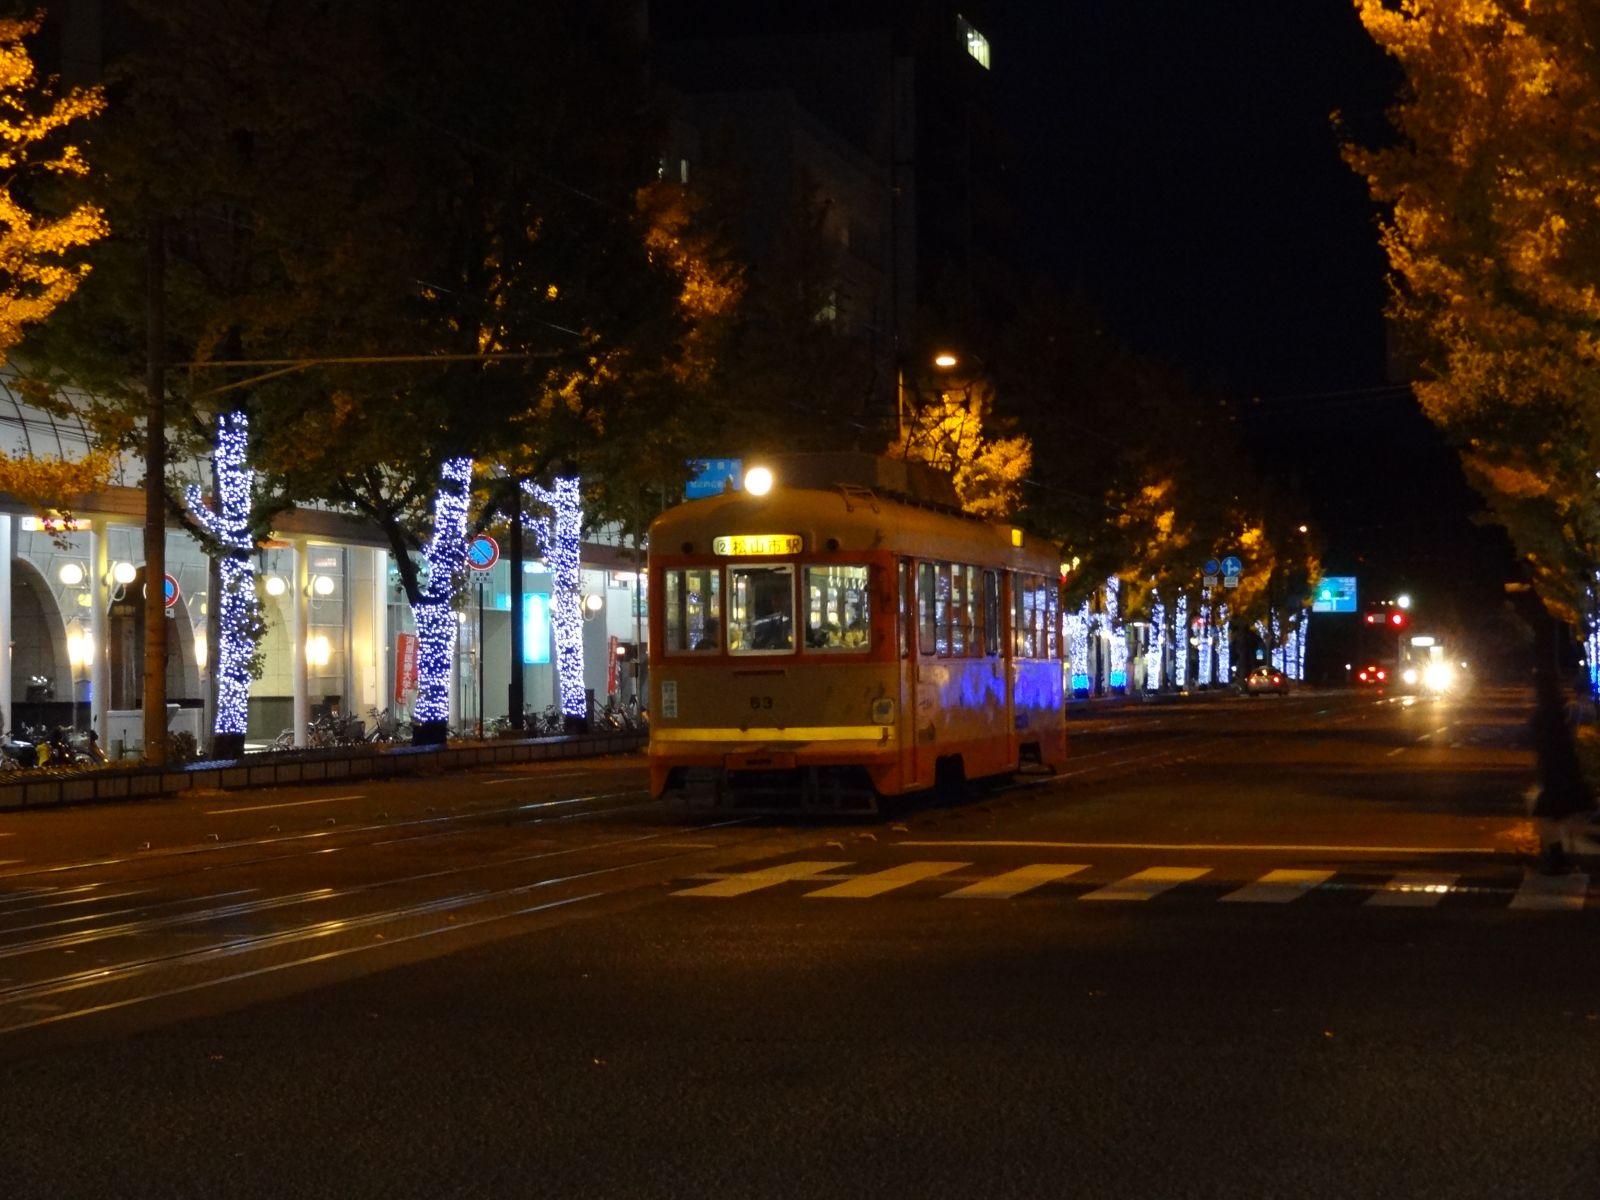 松山城が大好き!市内電車の写真です。クリックすると拡大します。